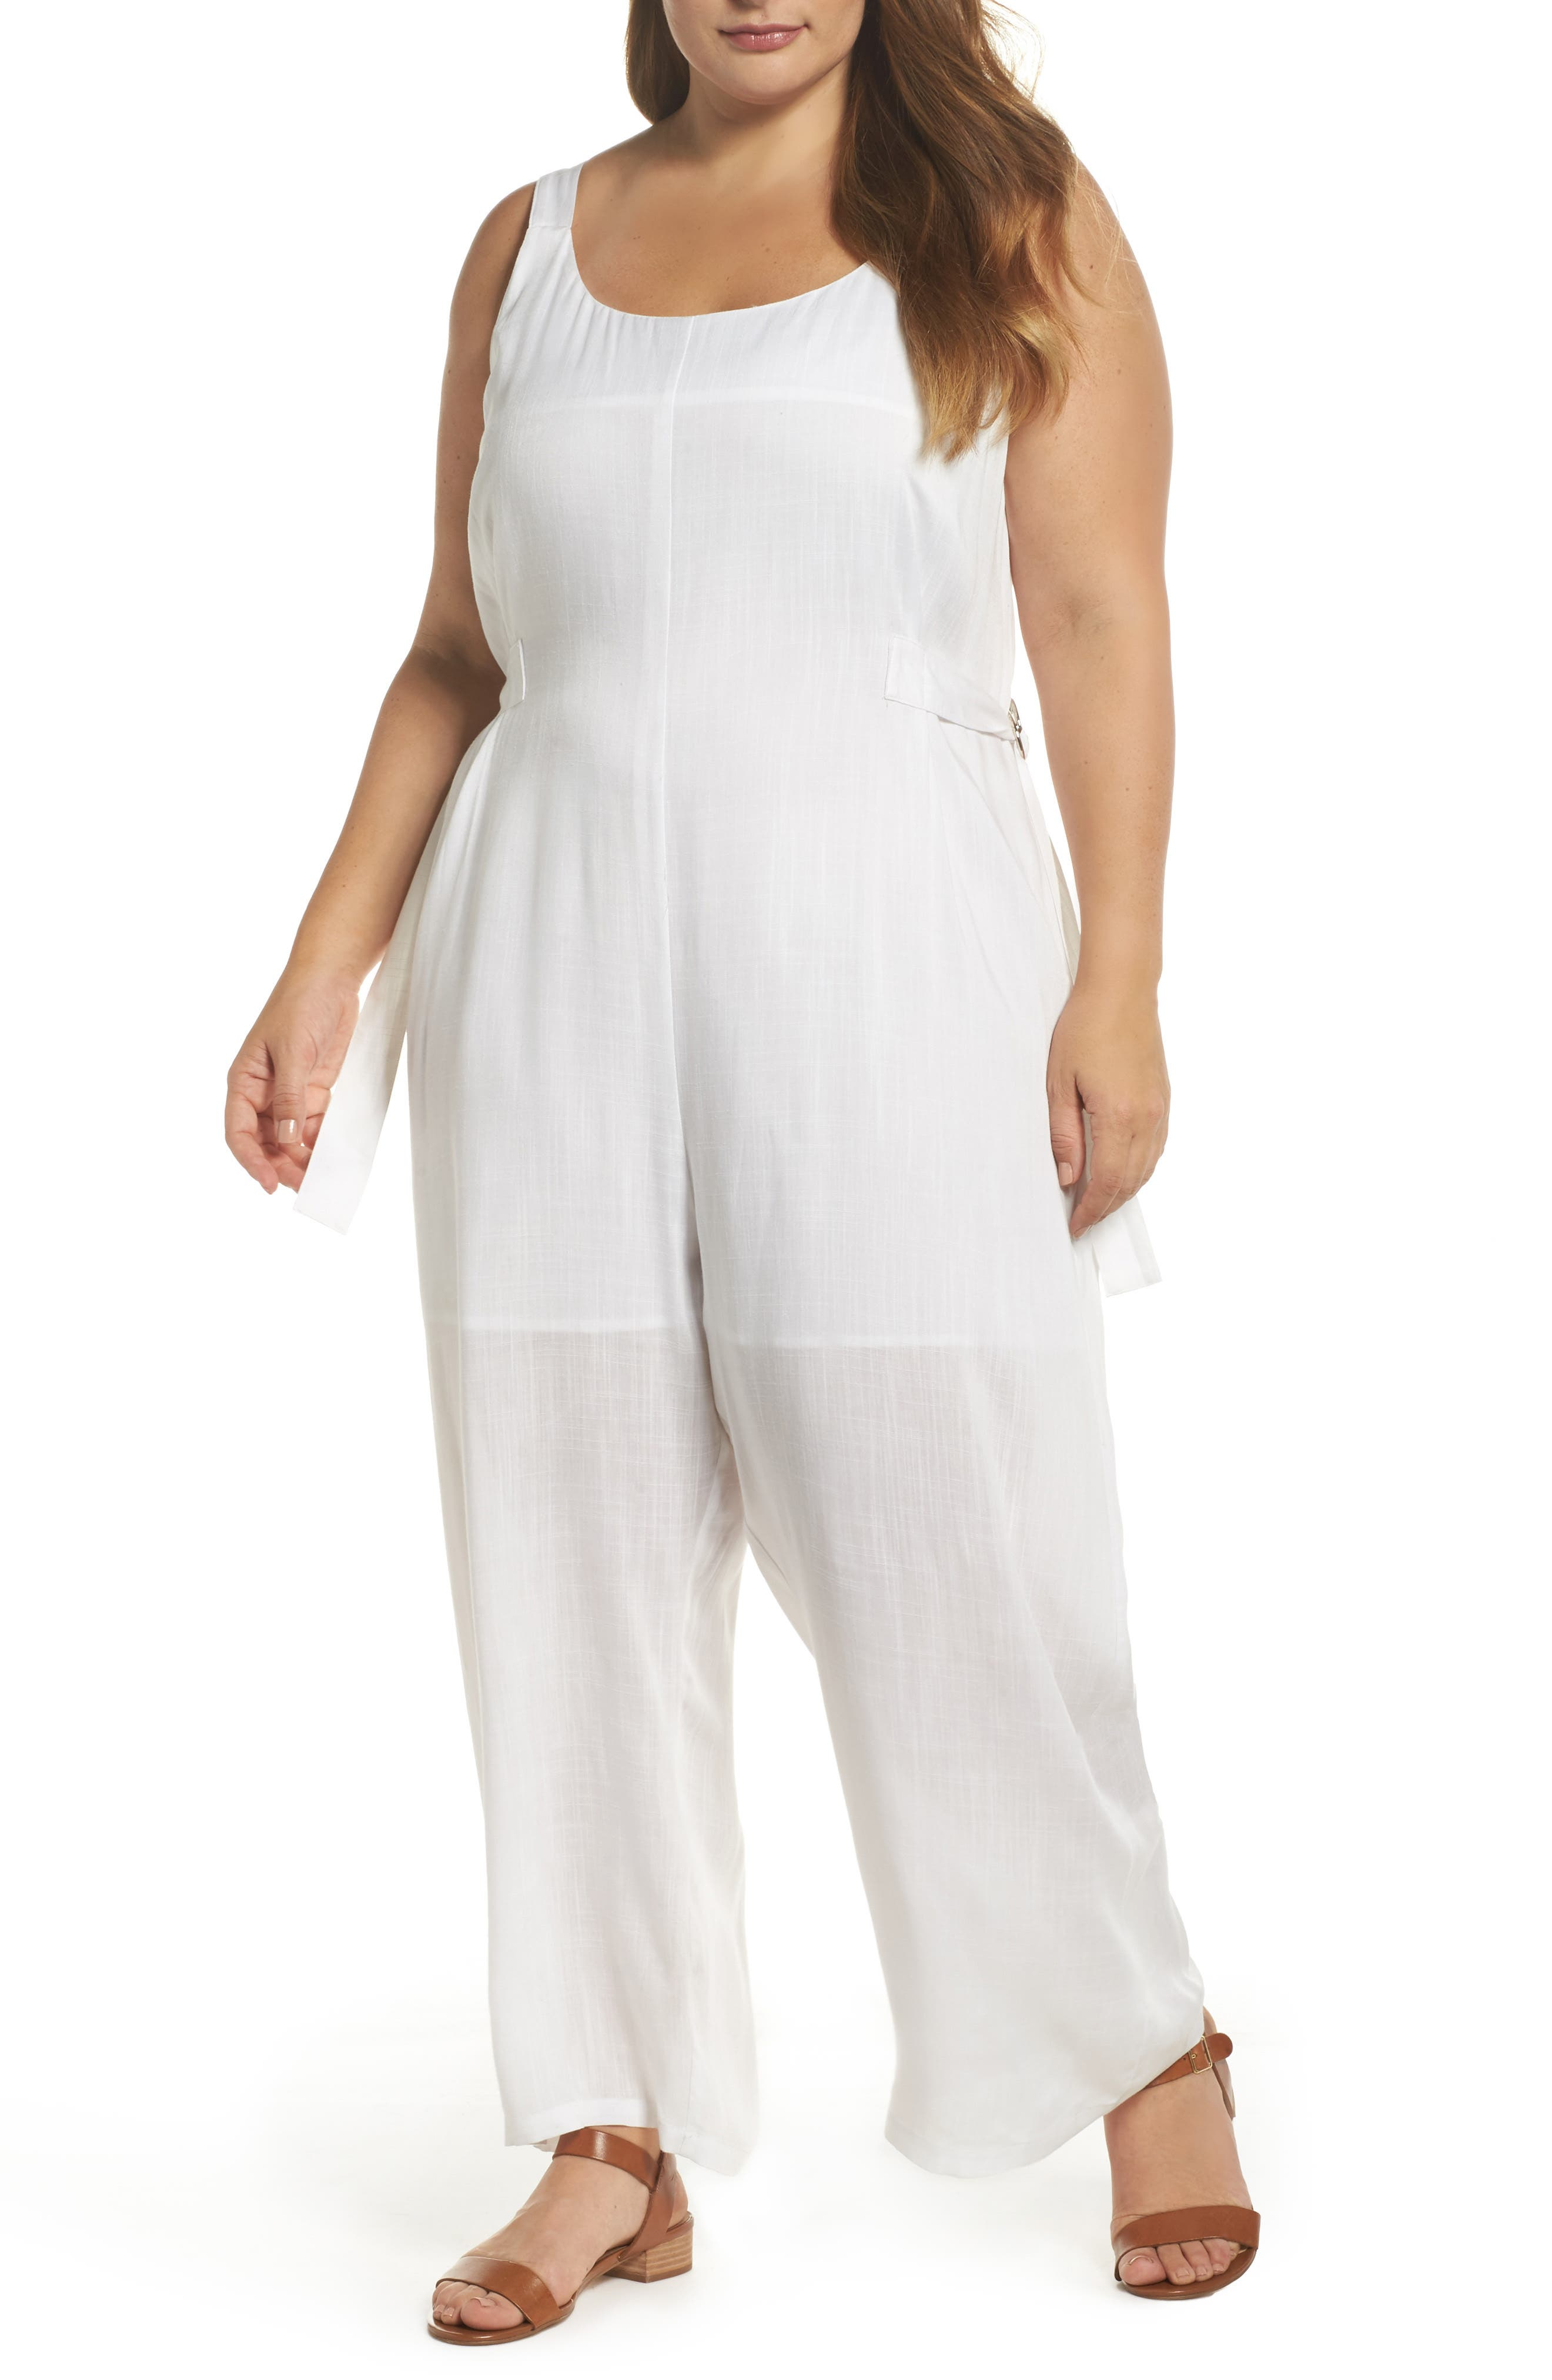 Culotte Jumpsuit,                             Main thumbnail 1, color,                             White